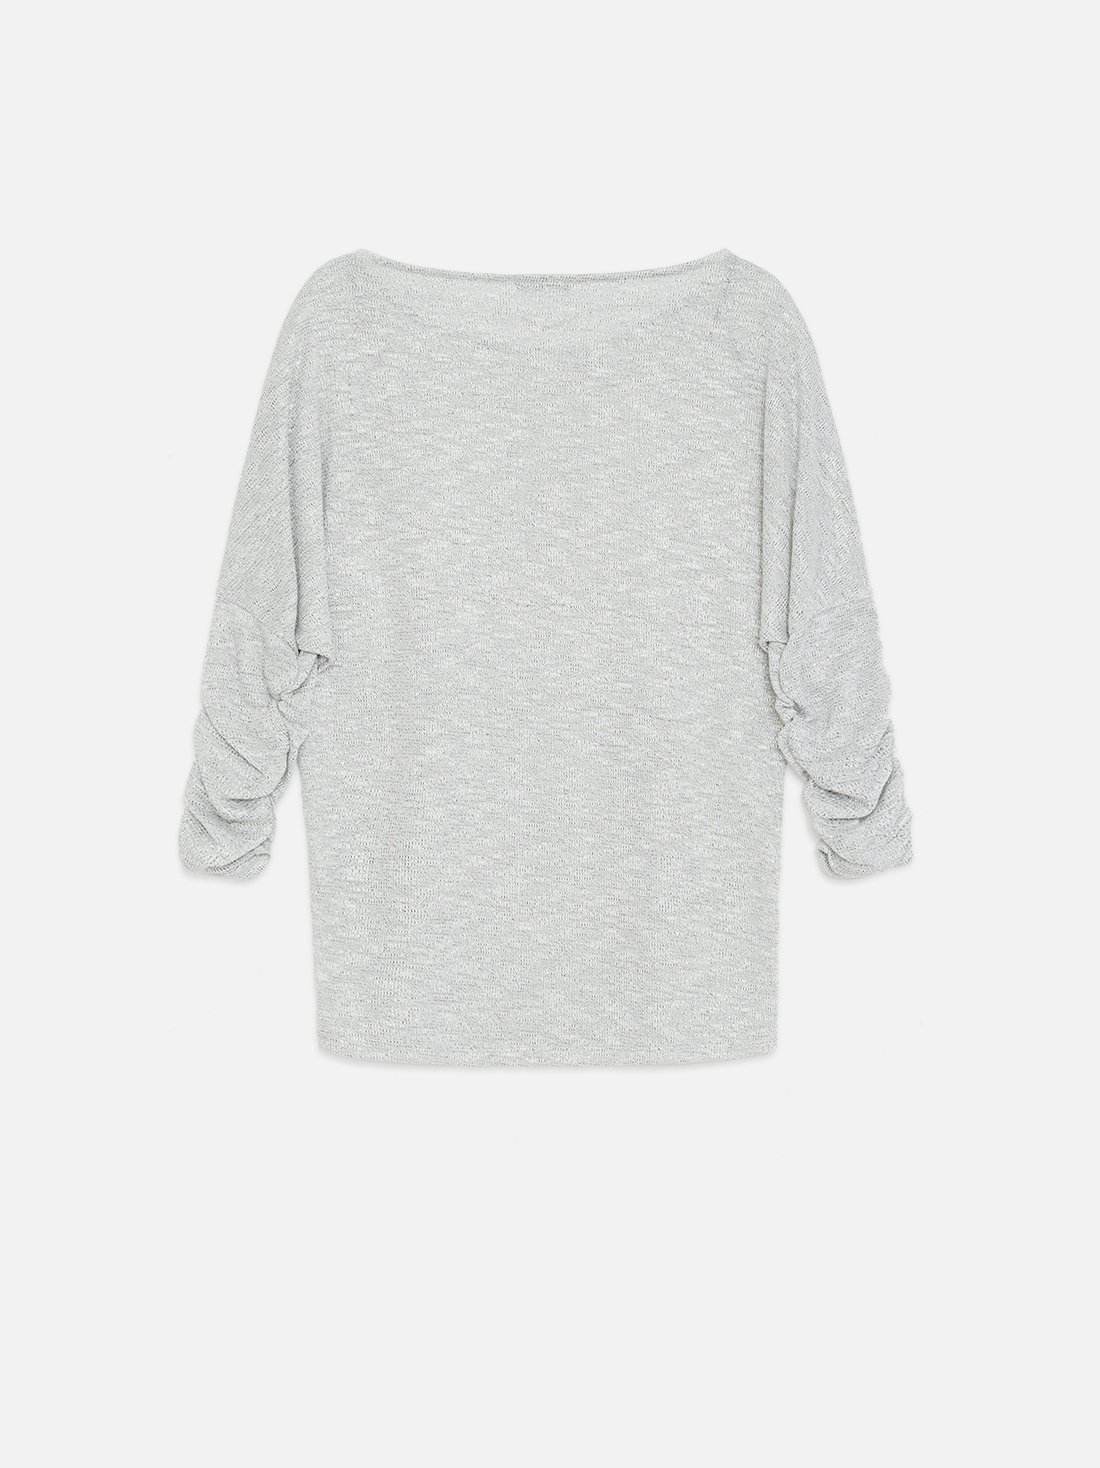 283|0787|329 светло серый меланж